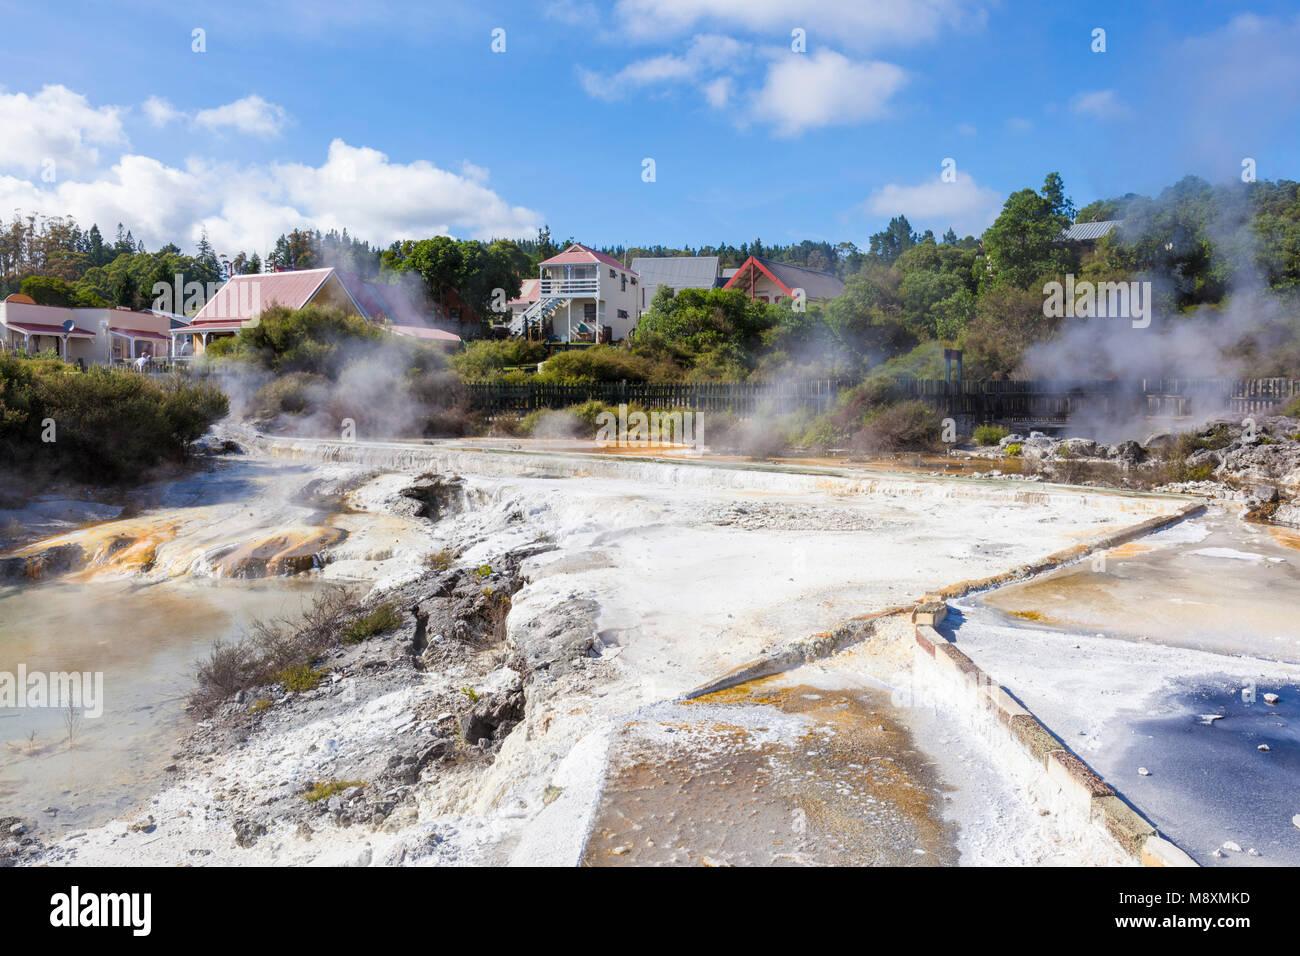 Nuova Zelanda Rotorua Nuova Zelanda whakarewarewa rotorua terrazze con deposito di minerali run off dal pool parekohuru Immagini Stock